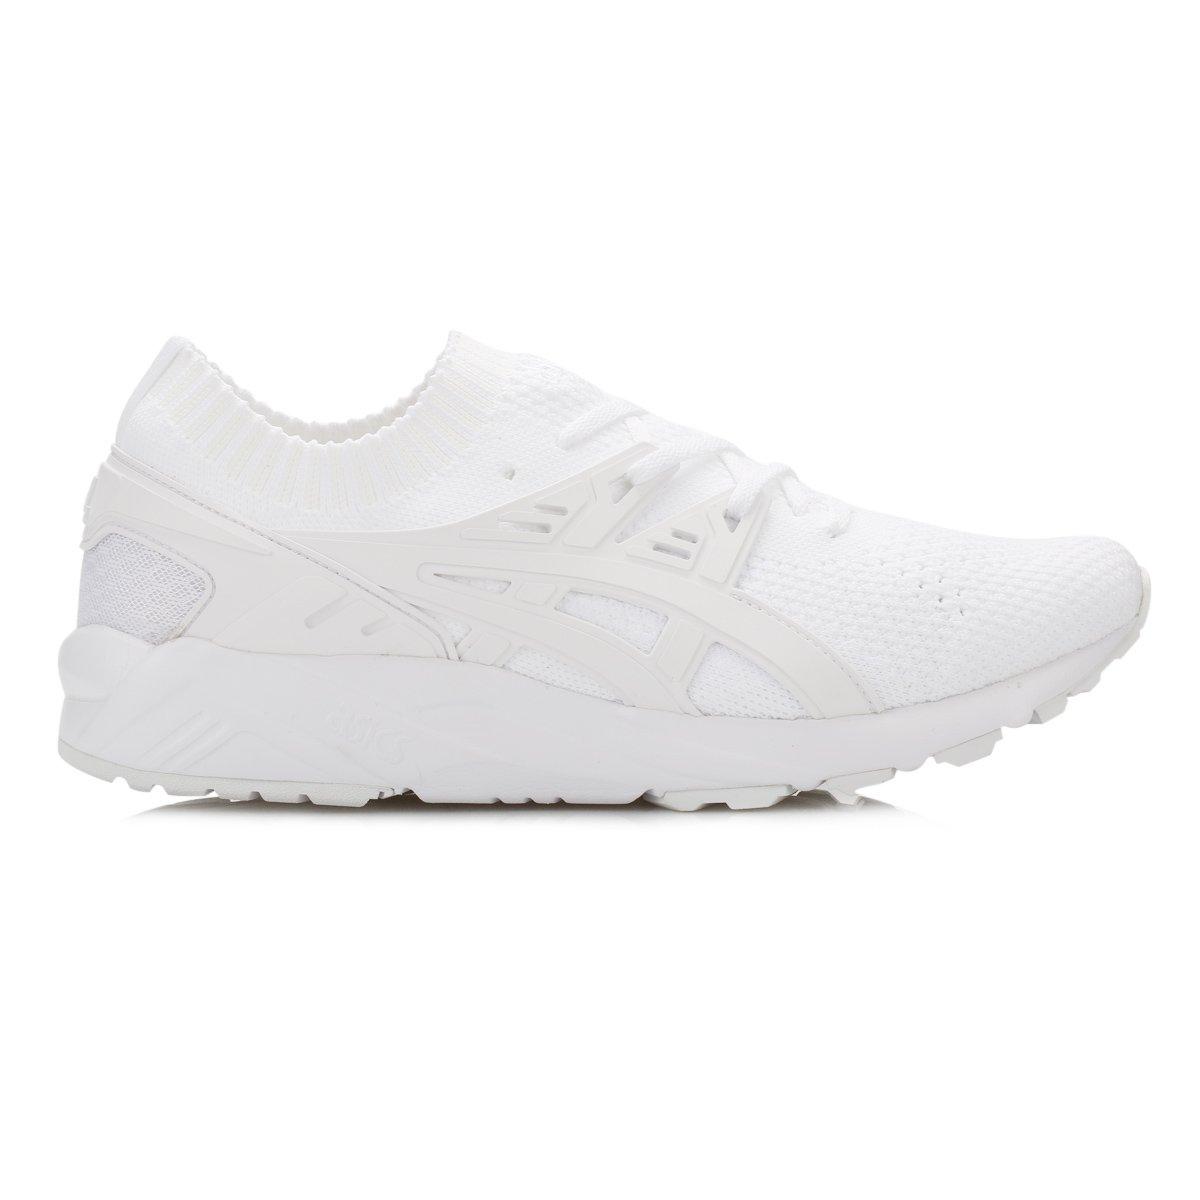 online retailer 21c03 08b3b ASICS Gel-Kayano Trainer Knit, Chaussures de Course pour entraînement sur  Route Homme  Amazon.fr  Sports et Loisirs